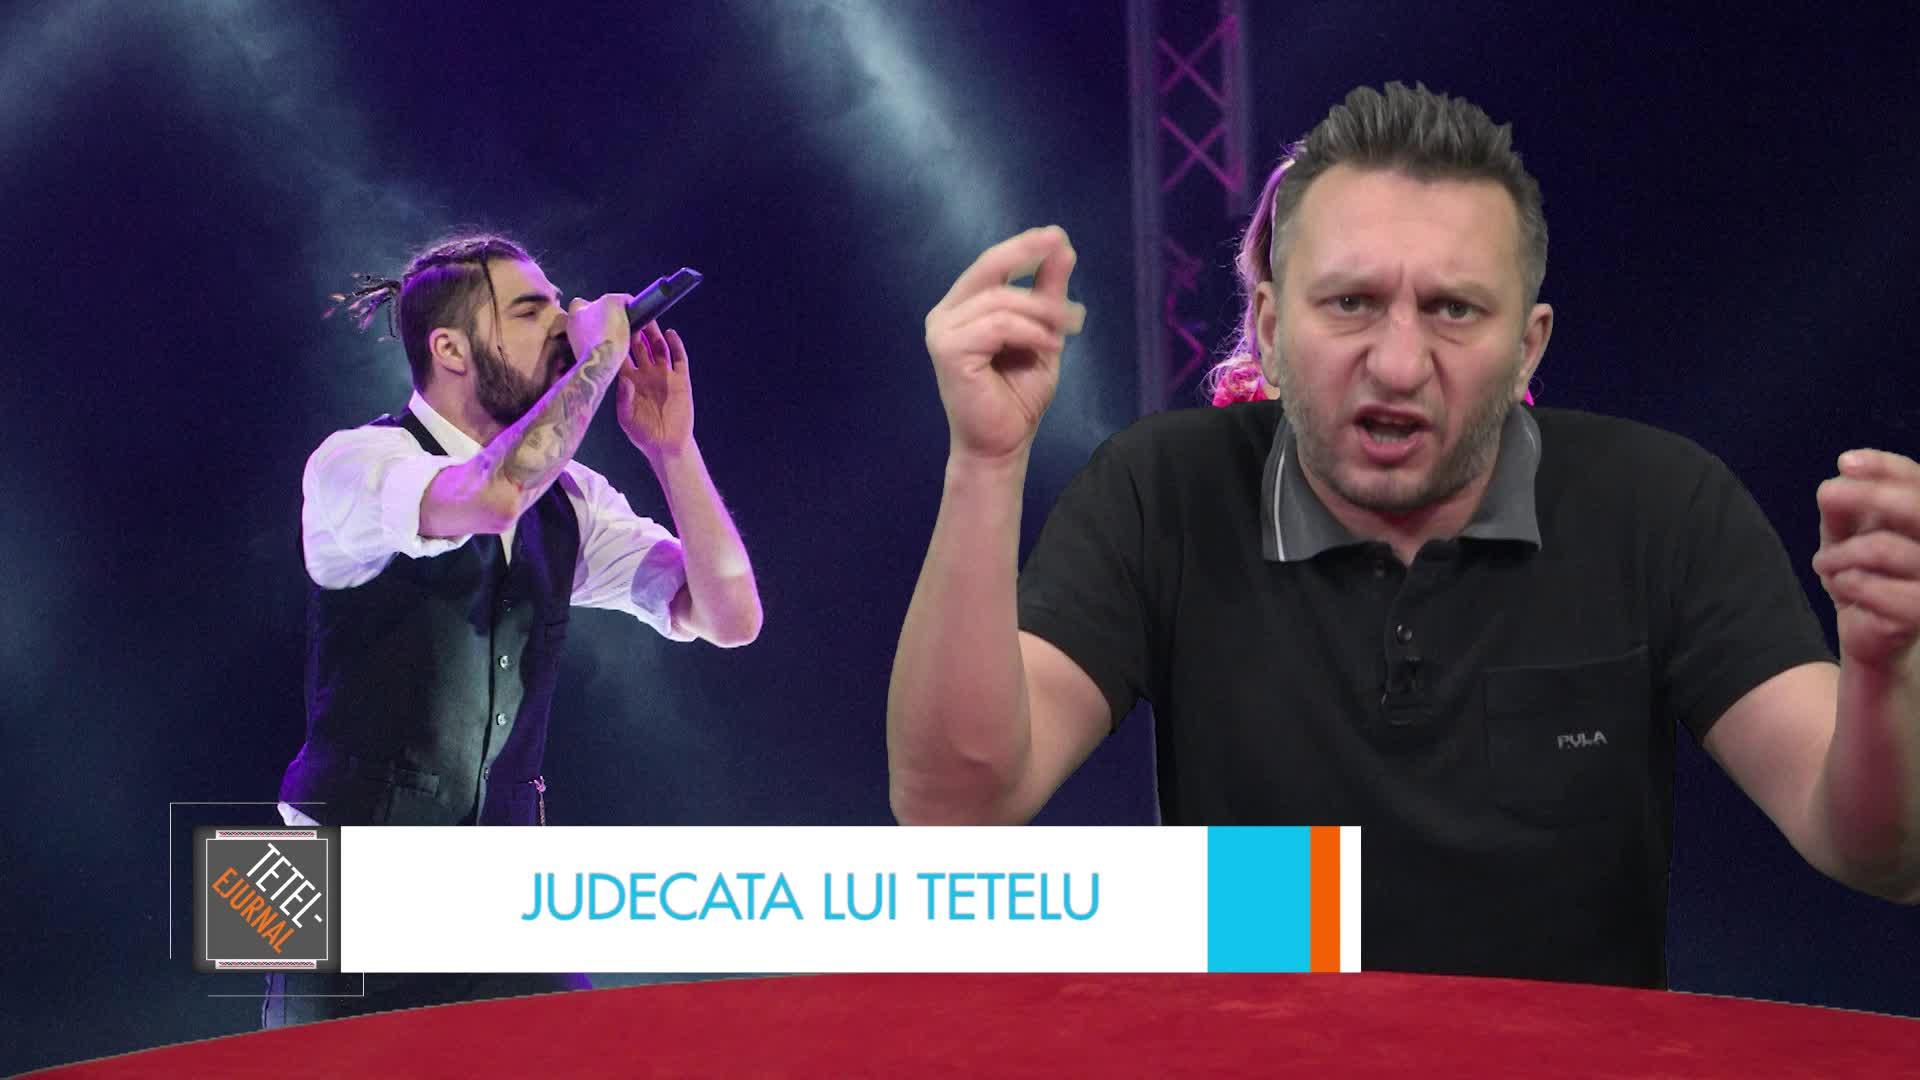 Judecata lui Tetelu: Muzica de petrecere la români